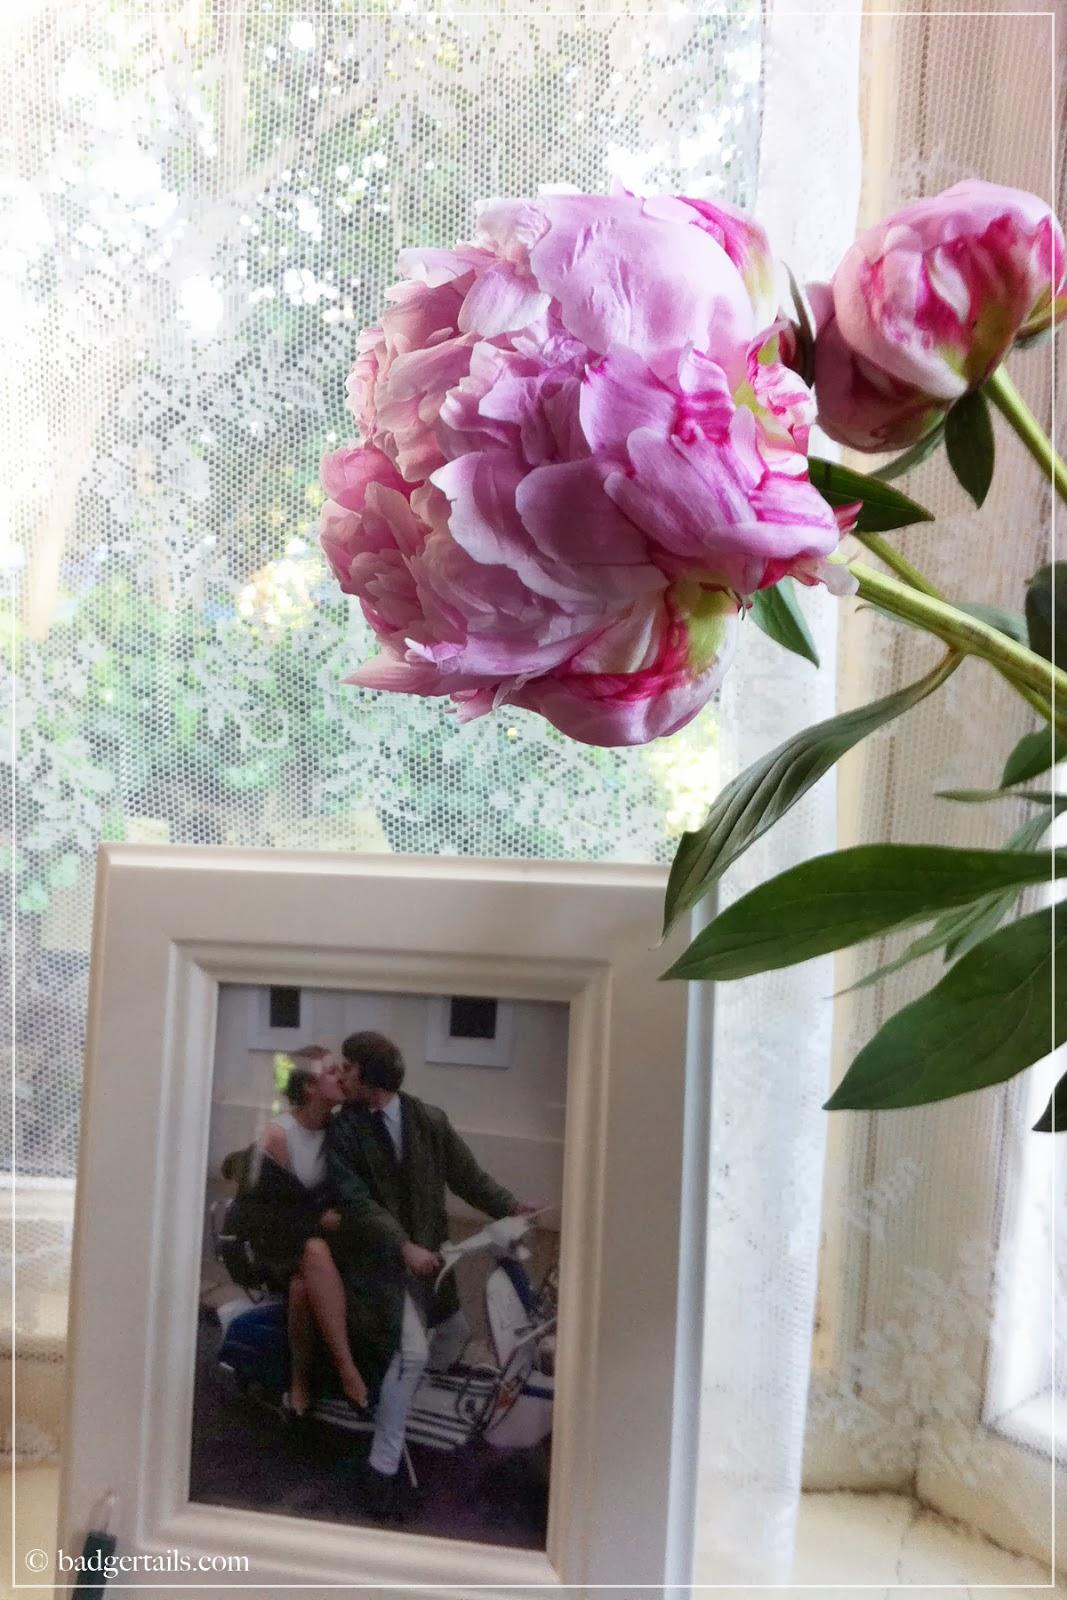 pink peony in flower on window